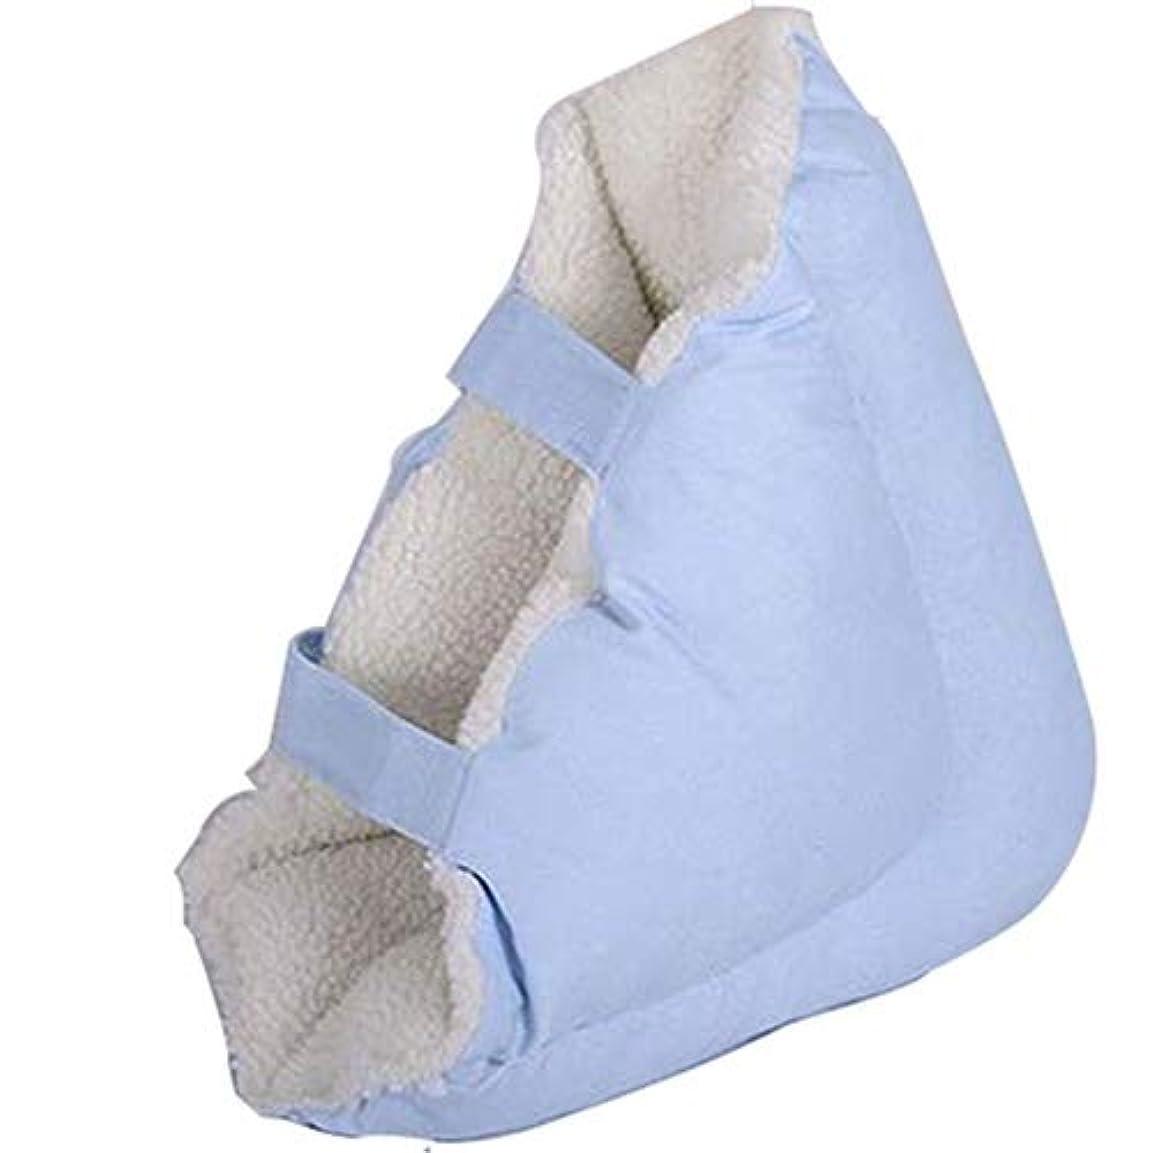 知るテキスト凝縮するヒールクッションプロテクター、足枕かかとパッド保護パッド-抗ニキビ抗菌布枕、1ペア床ずれ防止 かかとあて